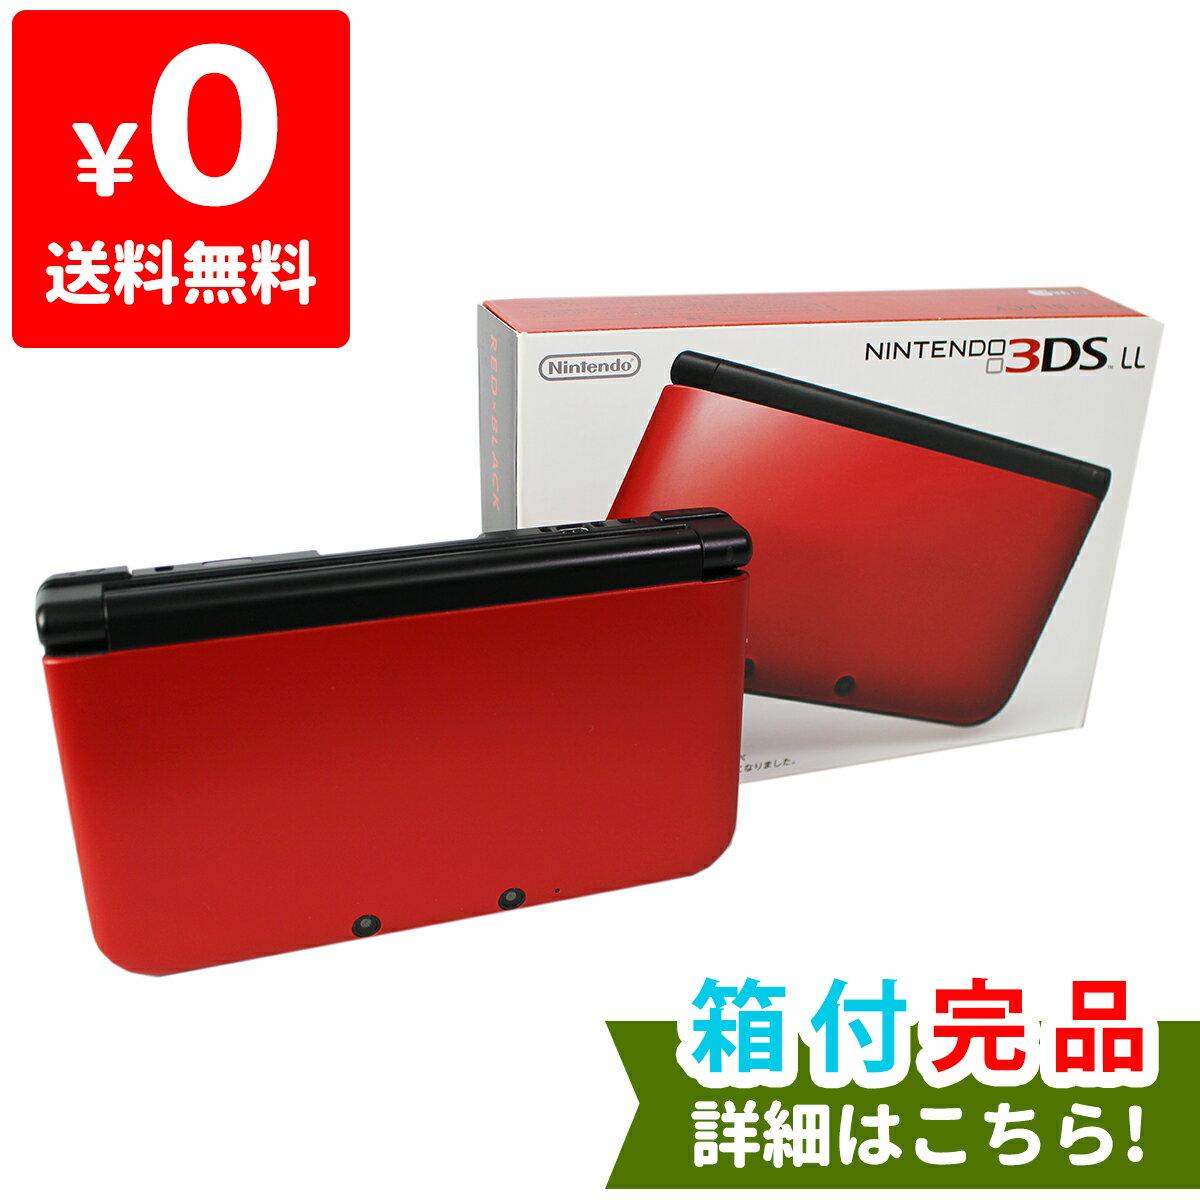 3DSLL ニンテンドー3DS LL レッドXブラック 本体 完品 外箱付き Nintendo 任天堂 ニンテンドー 中古 4902370519549 送料無料 【中古】